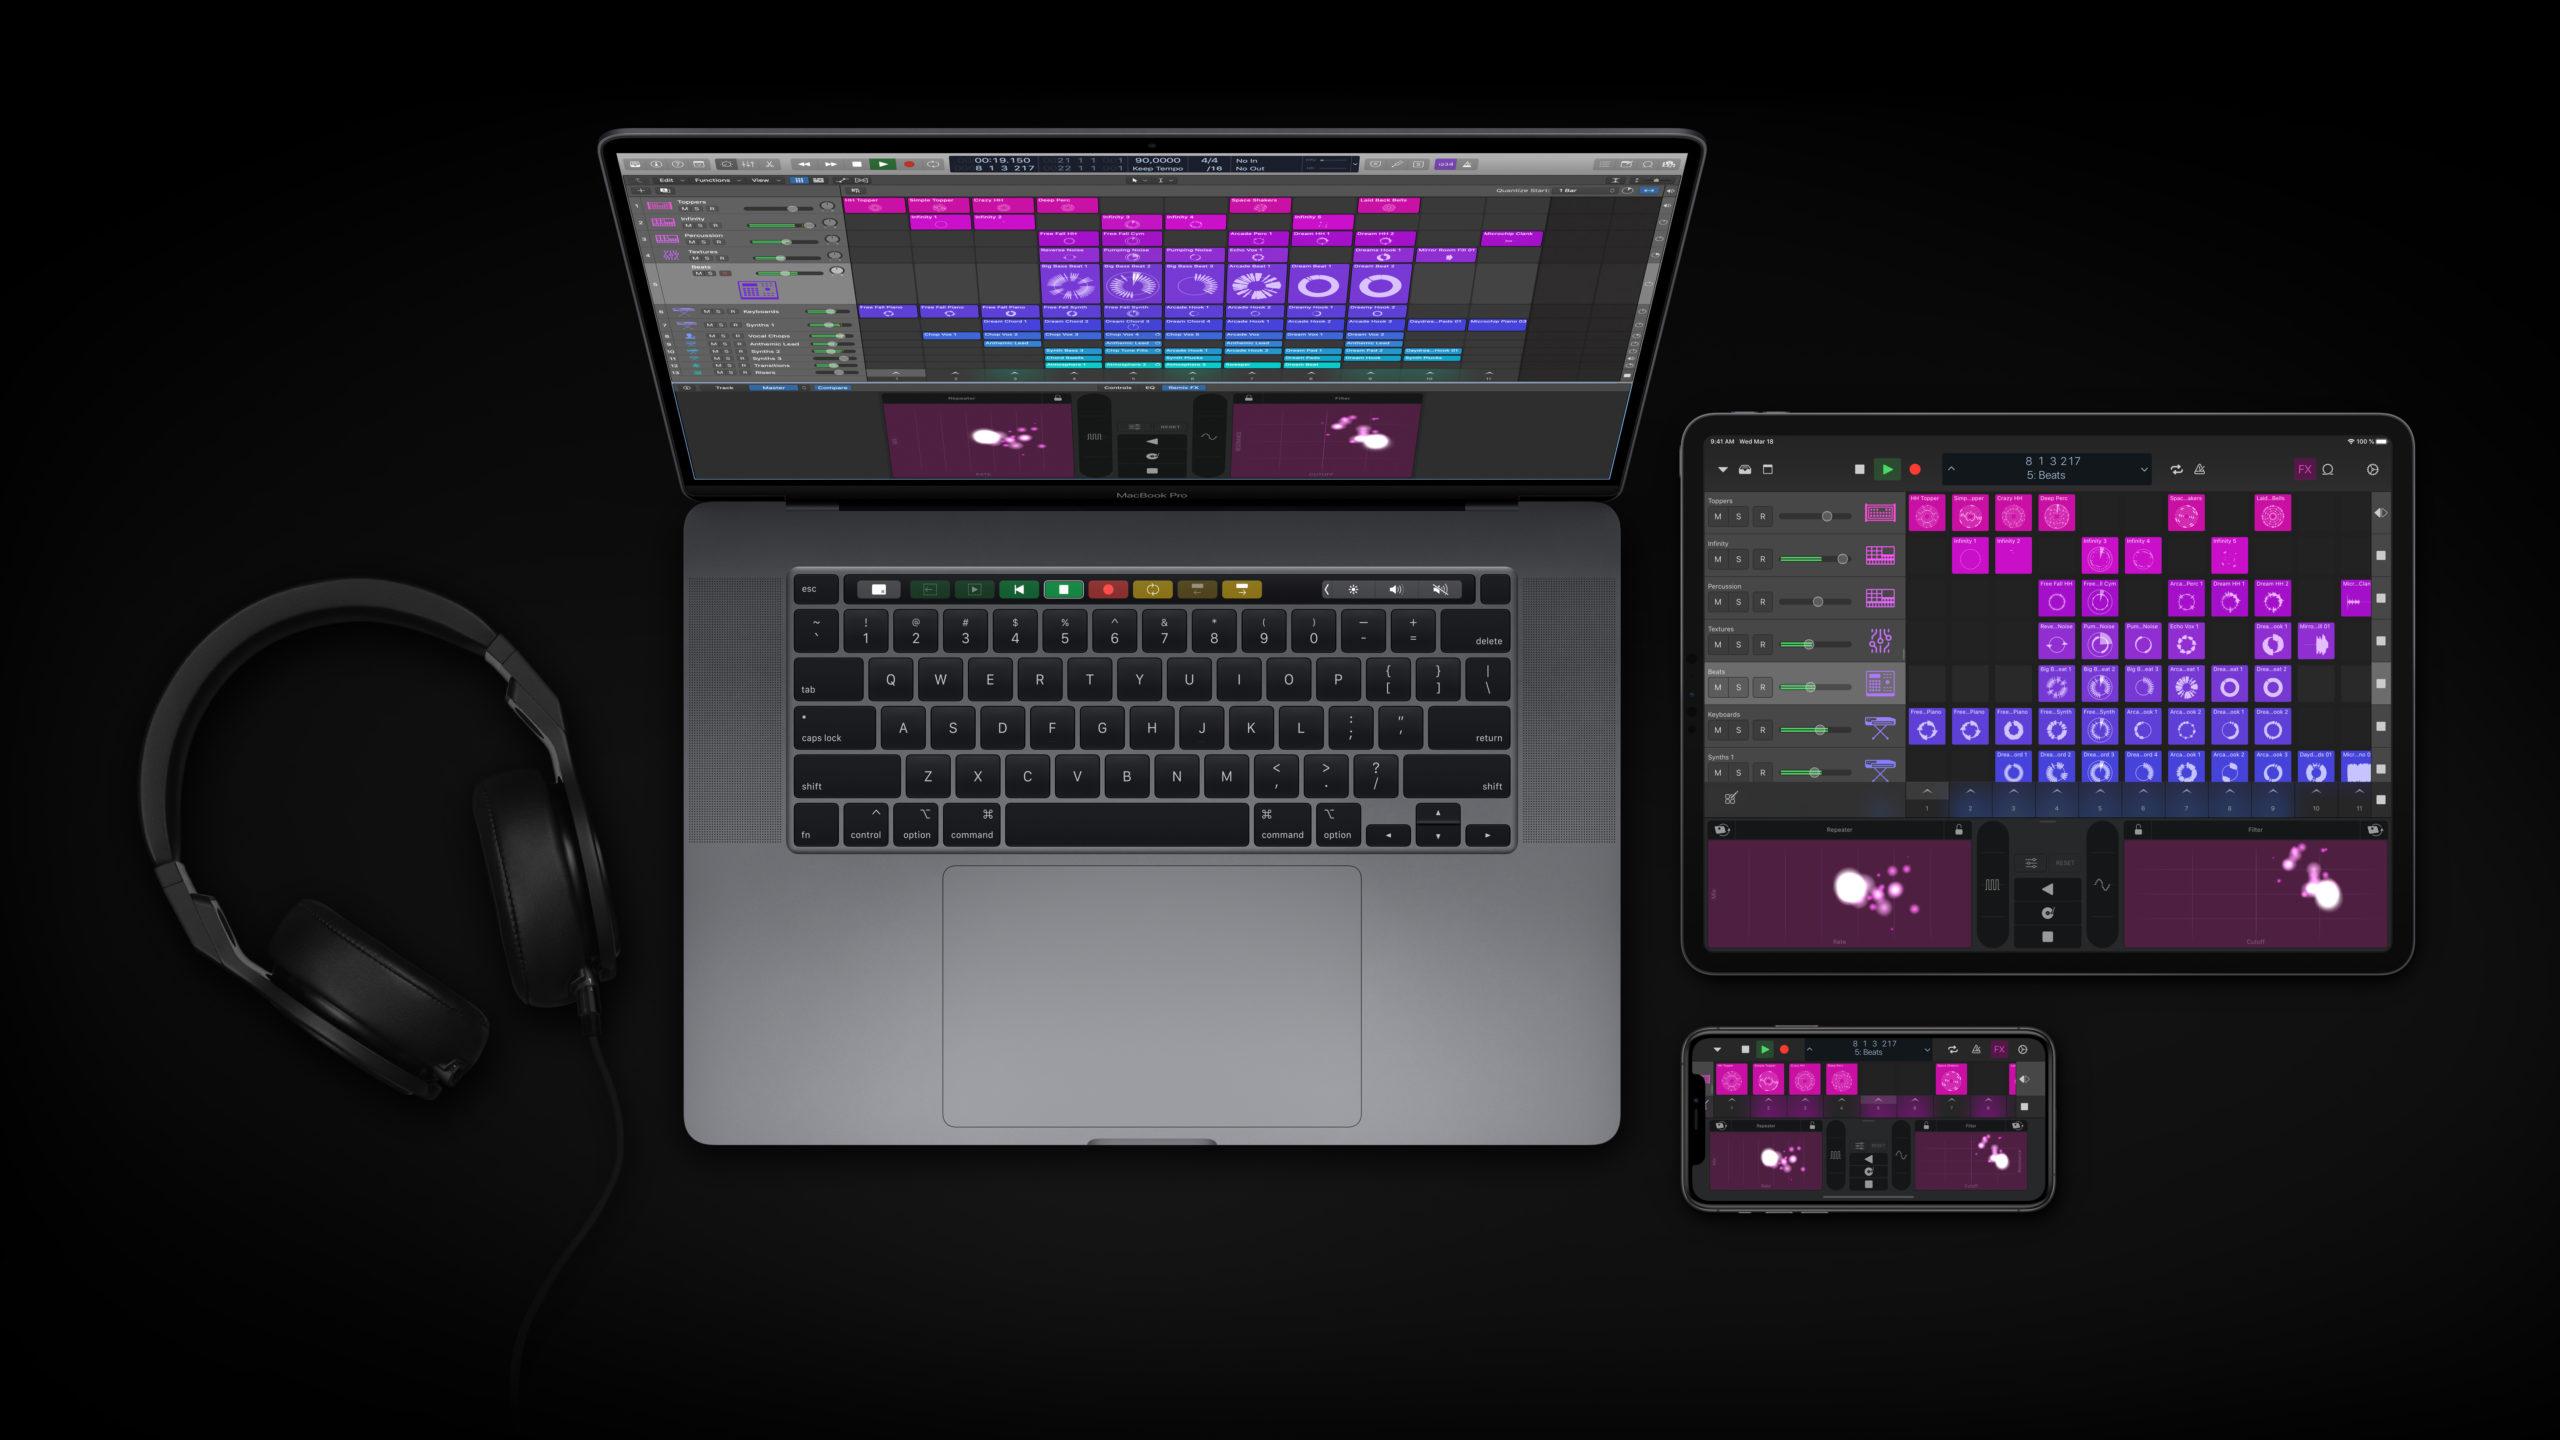 apple_logic-pro-update_headphones-macbookpro_05122020-1